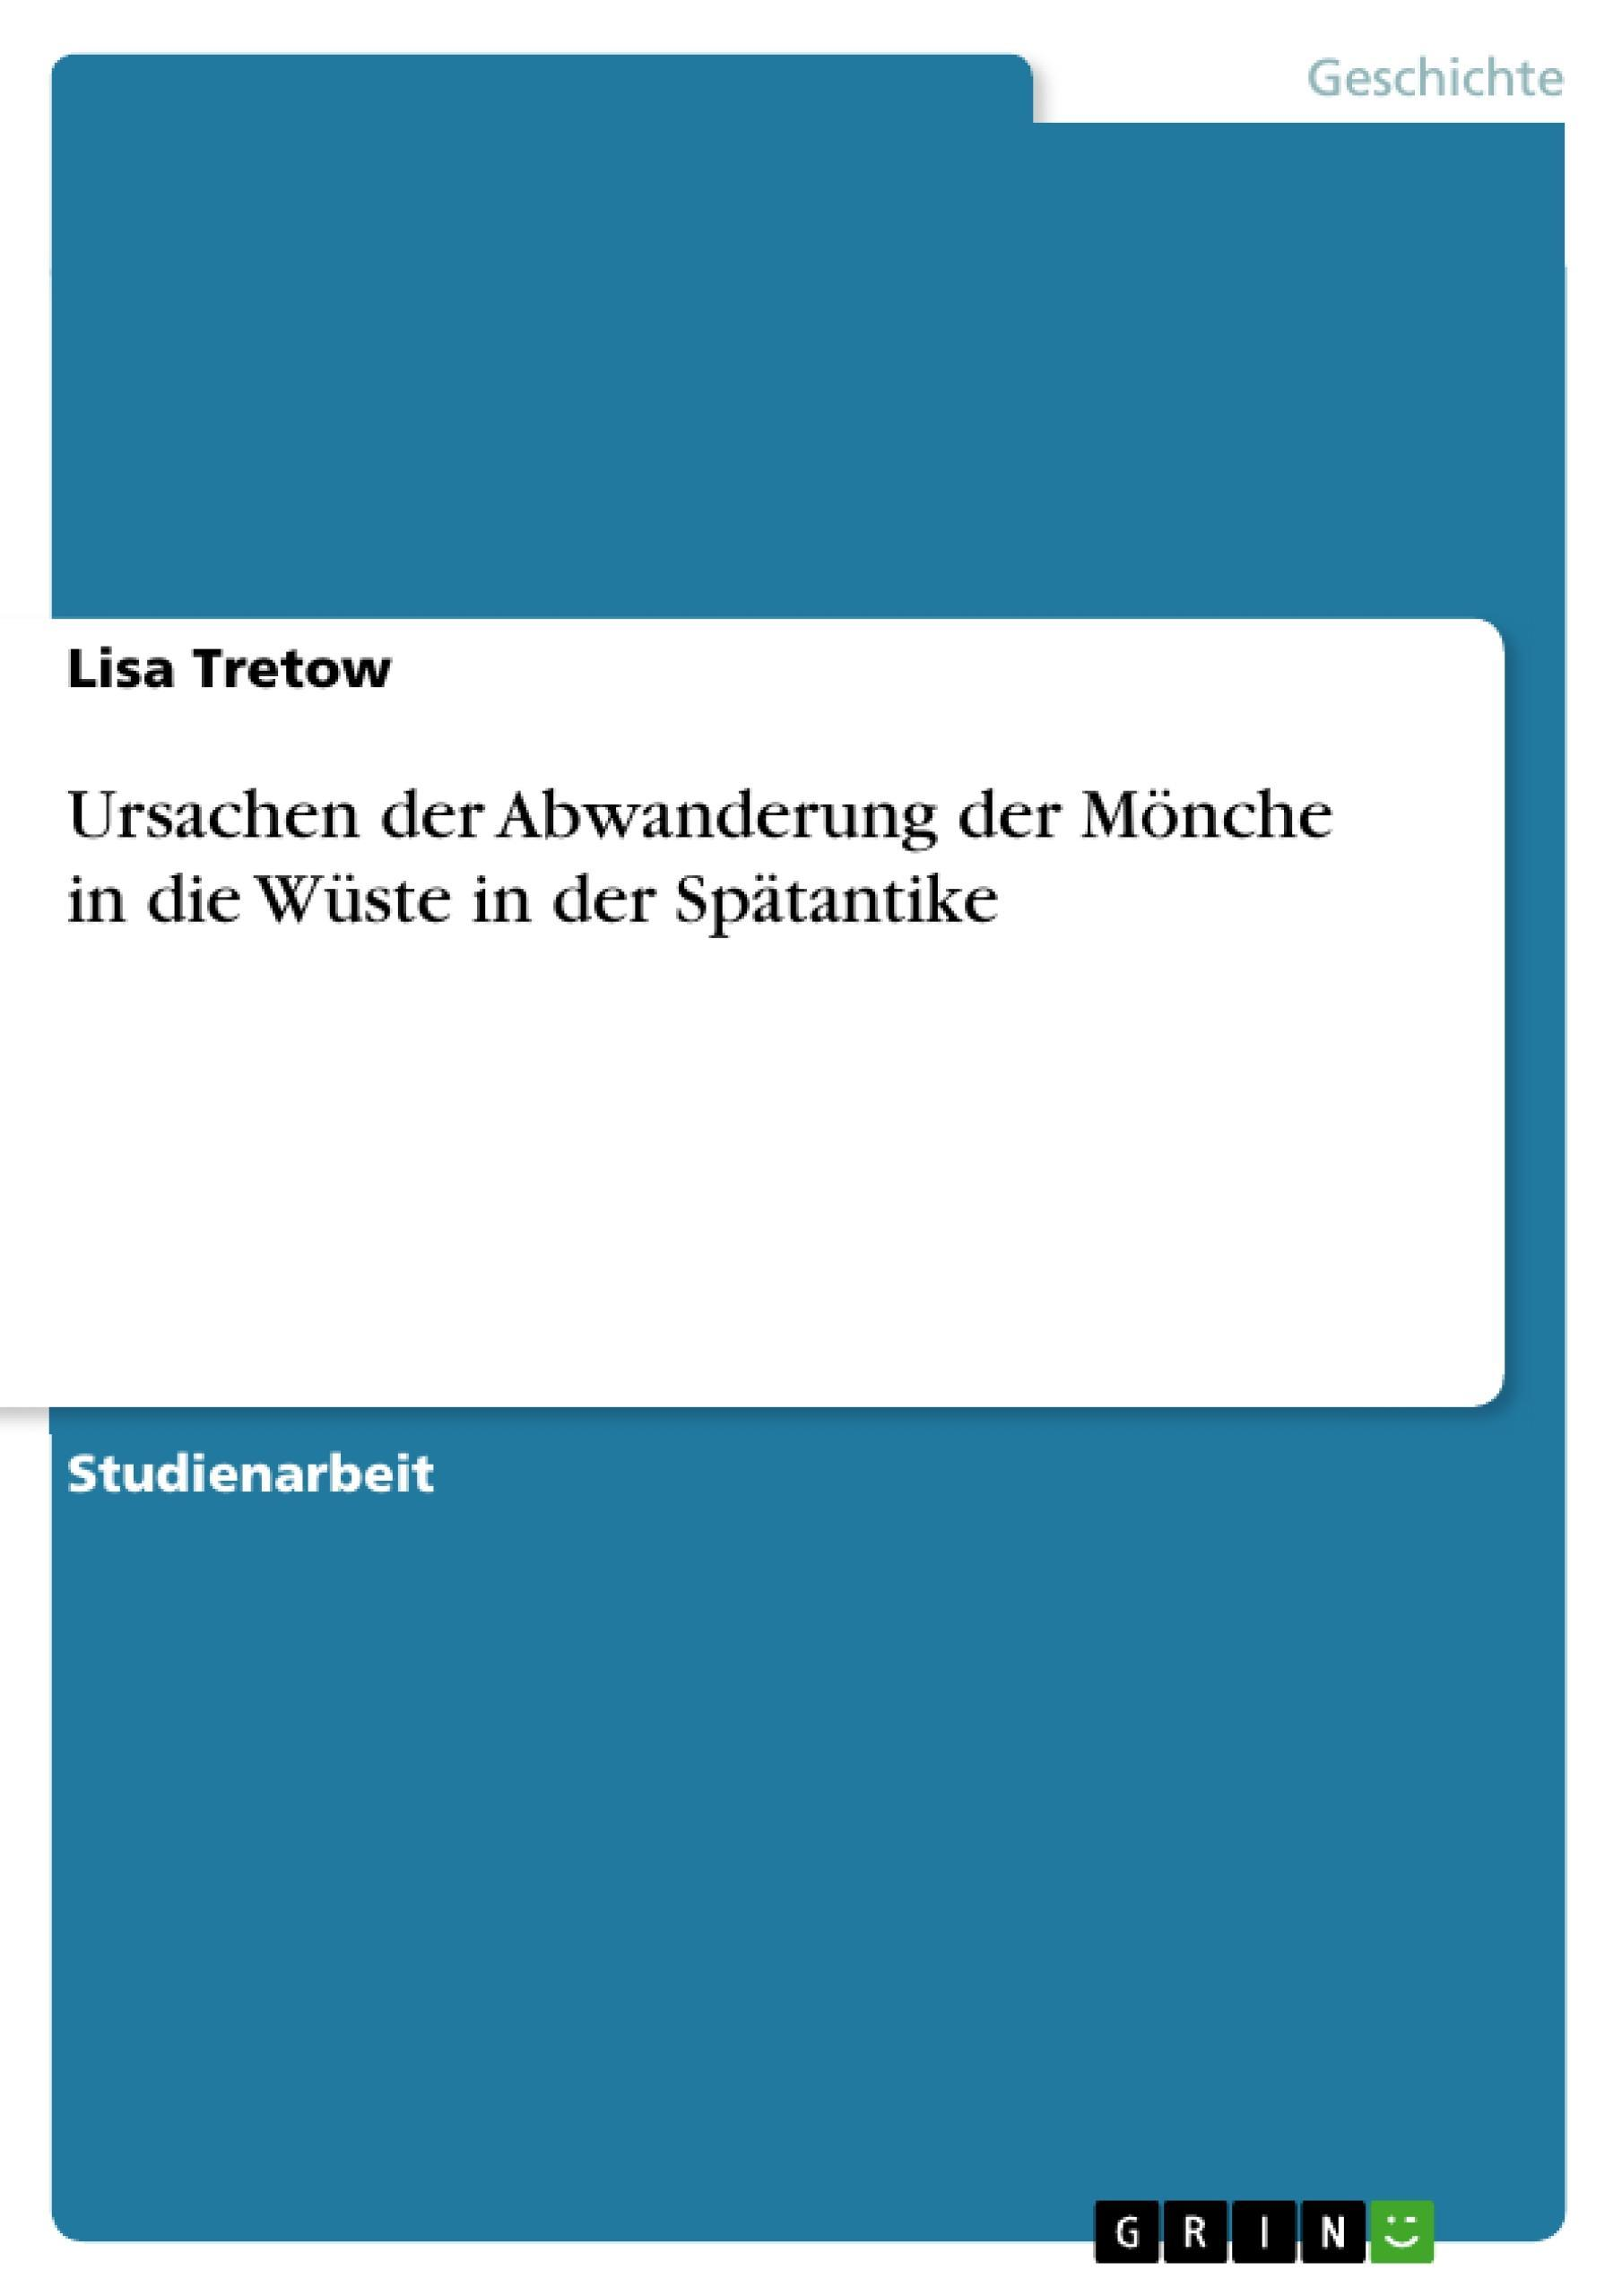 Ursachen der Abwanderung der Mönche in die Wüste in der Spätantike Lisa Tre ...